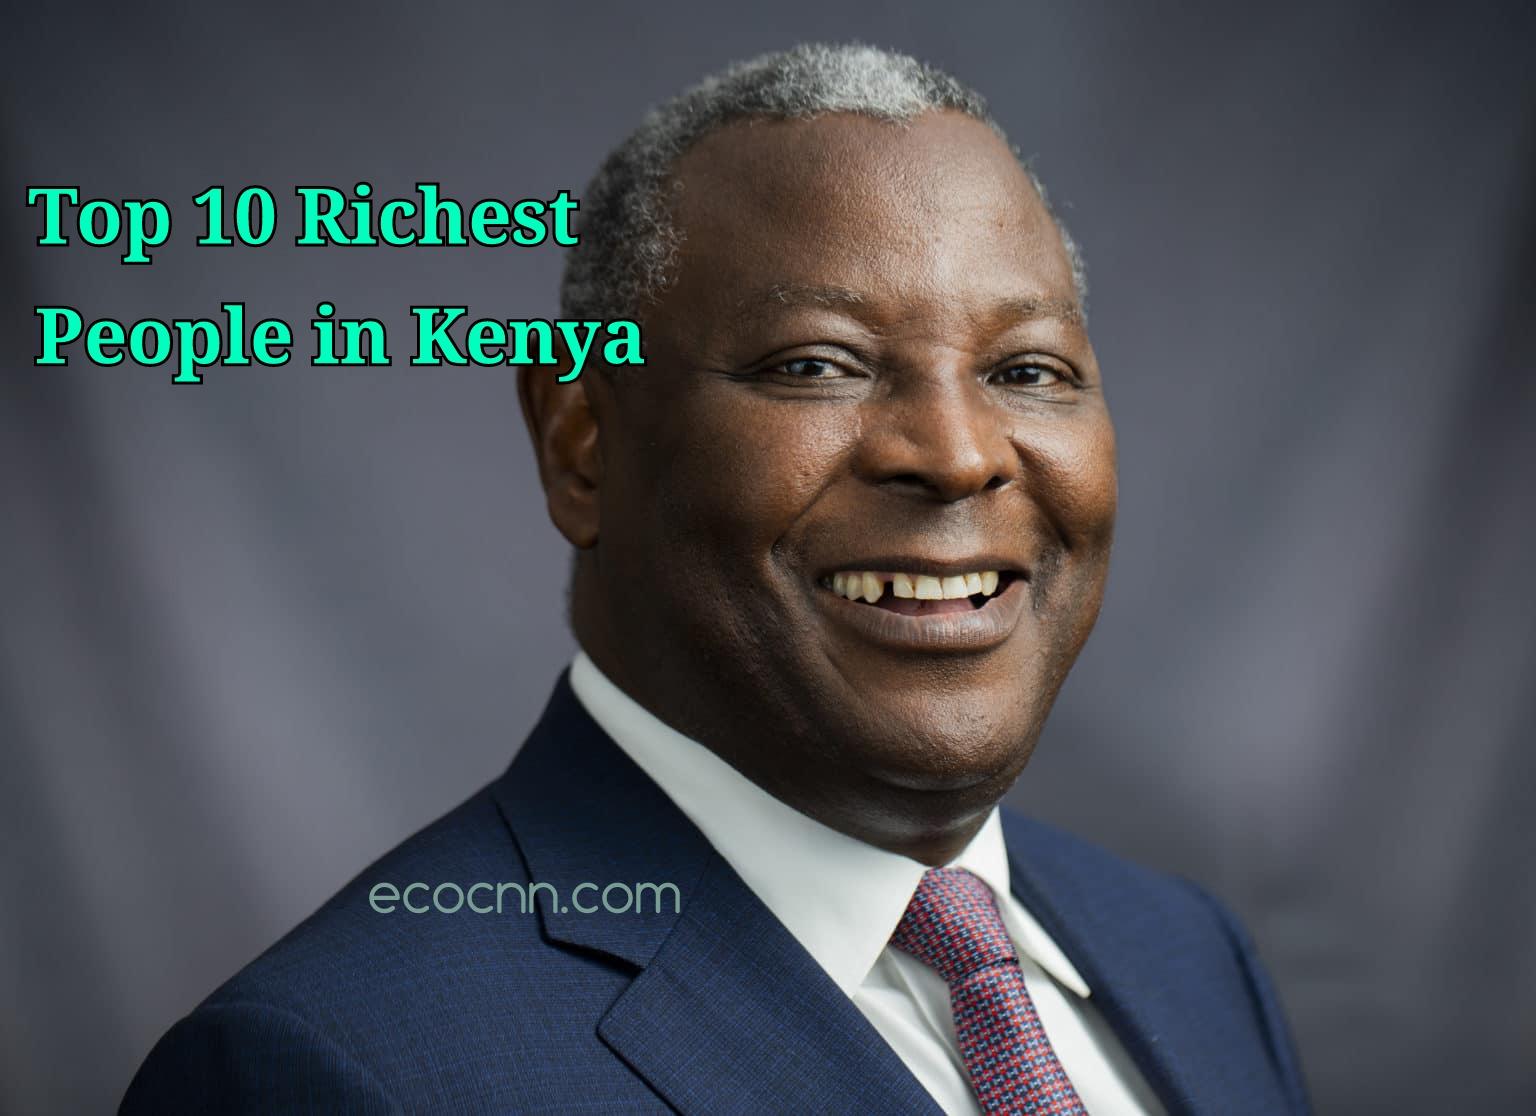 Top ten richest people in Kenya 2021